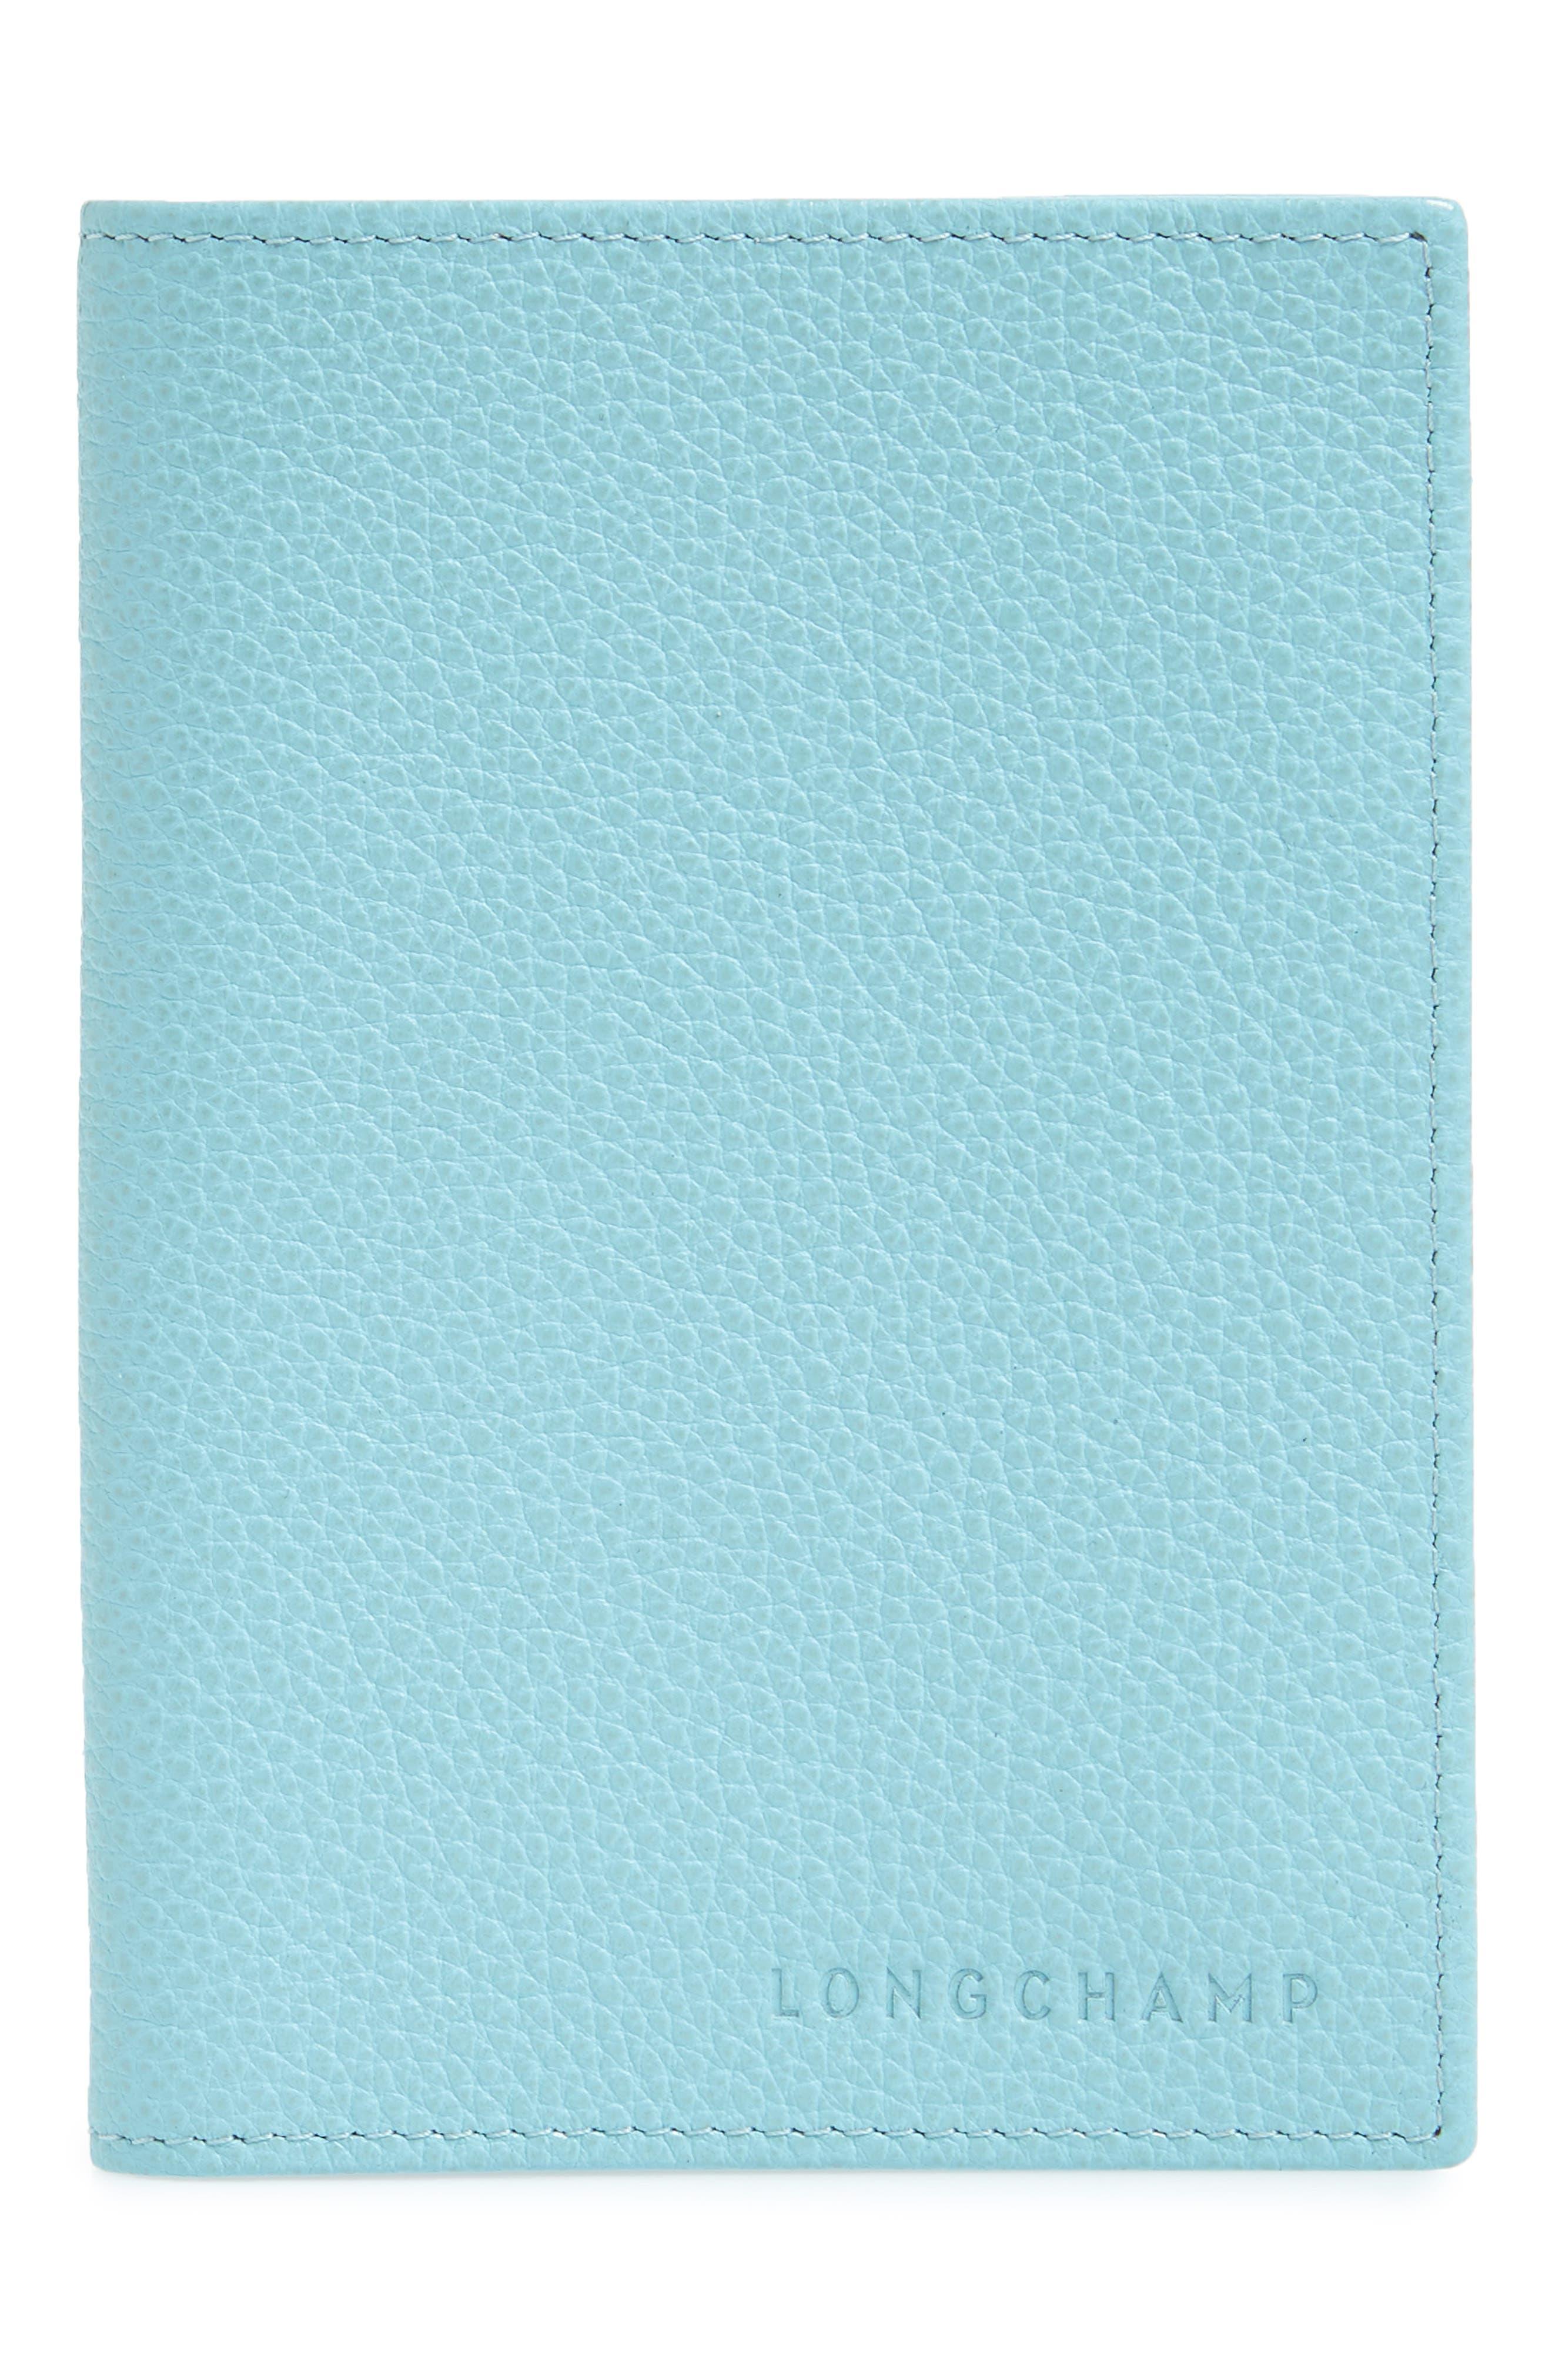 Longchamp Calfskin Leather Passport Case